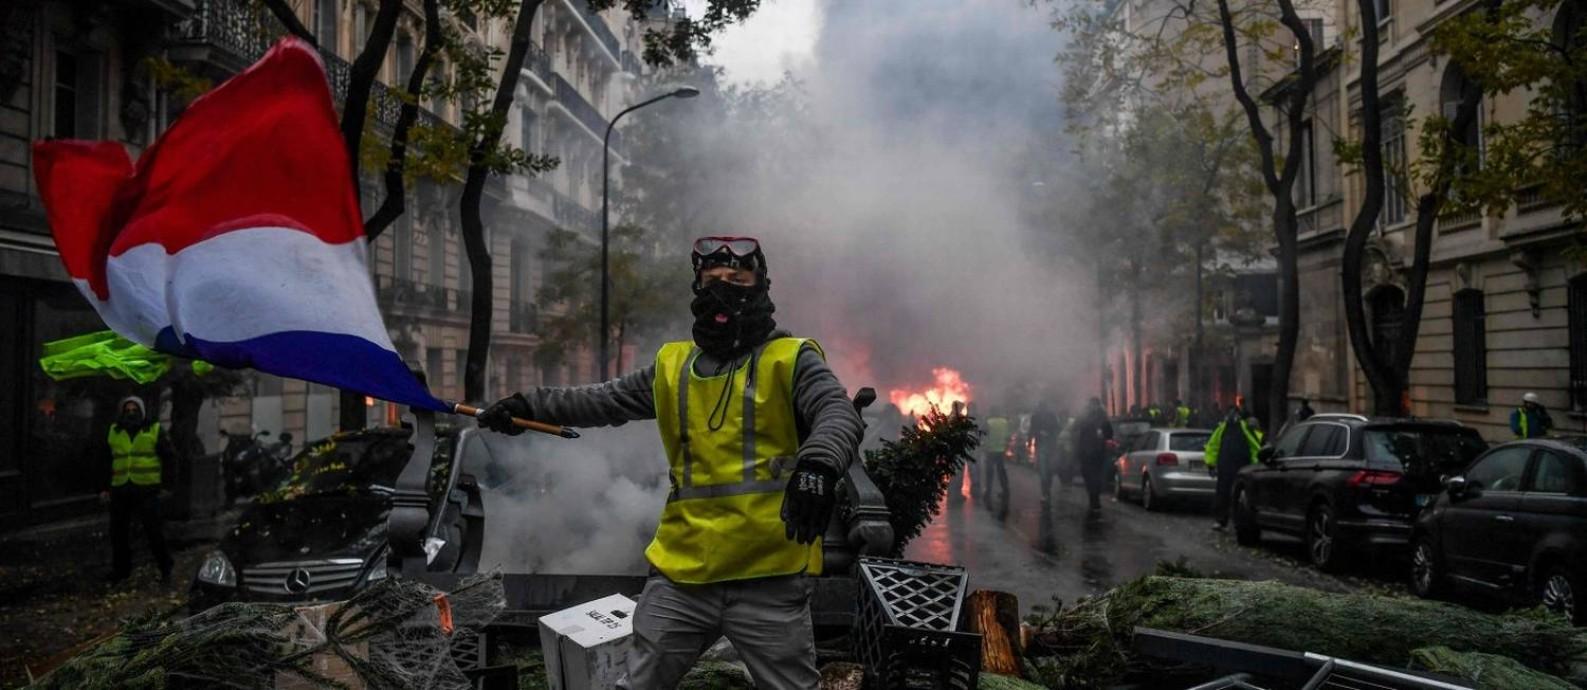 Manifestante de colete amarelo exibe a bandeira francesa durante o protesto em Paris Foto: ALAIN JOCARD / AFP/1-12-2018